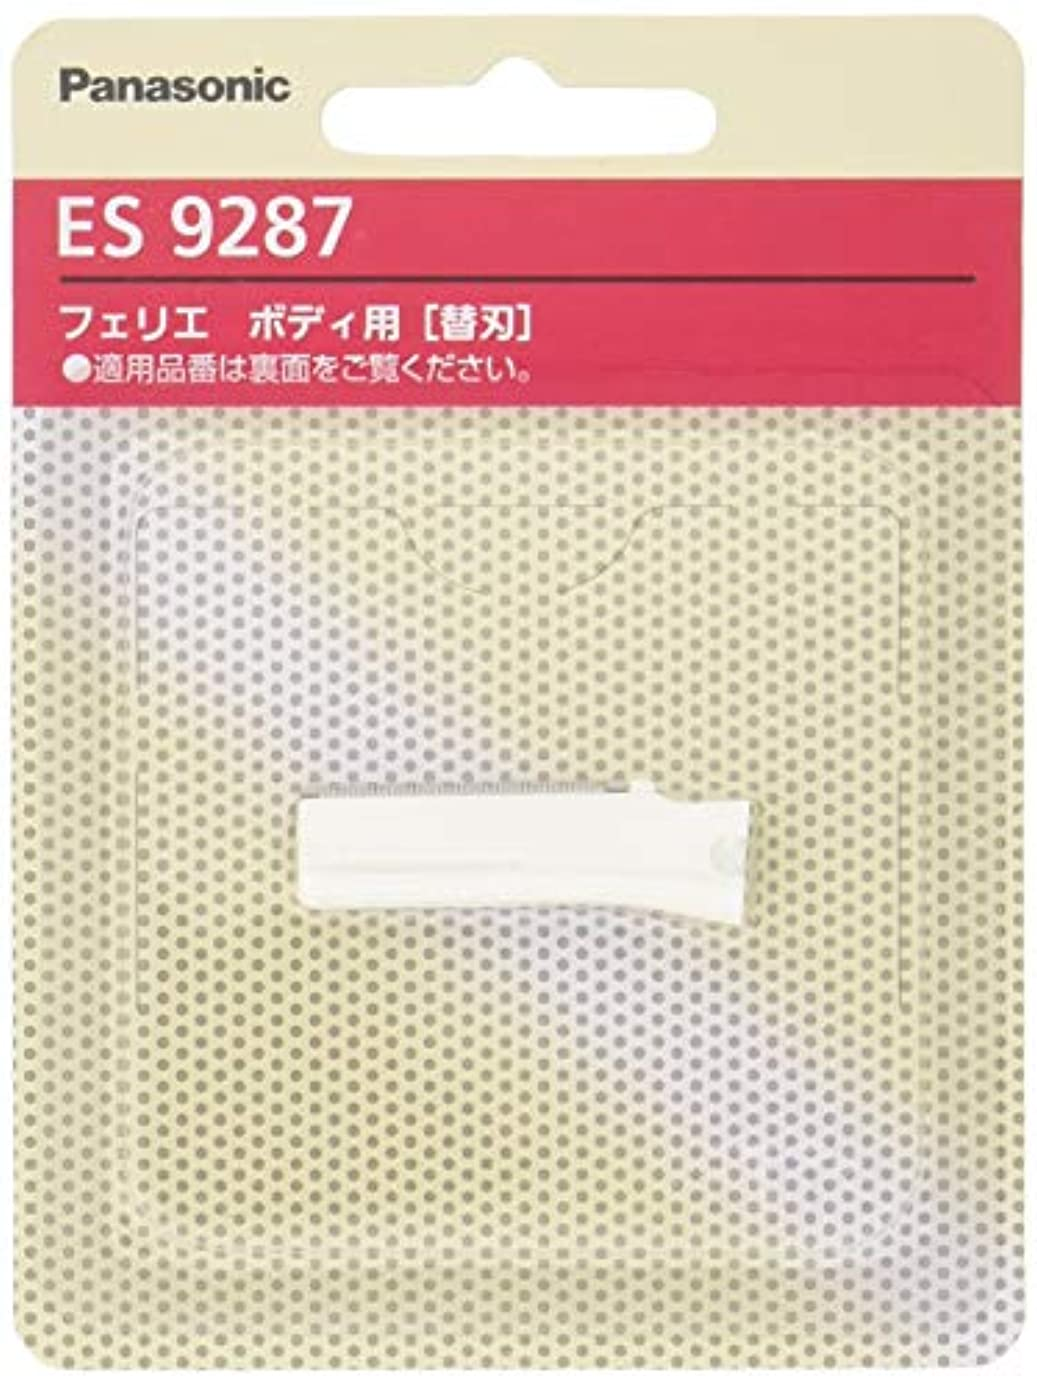 モジュールウナギメカニックパナソニック 替刃 フェリエ ボディ用 ES9287